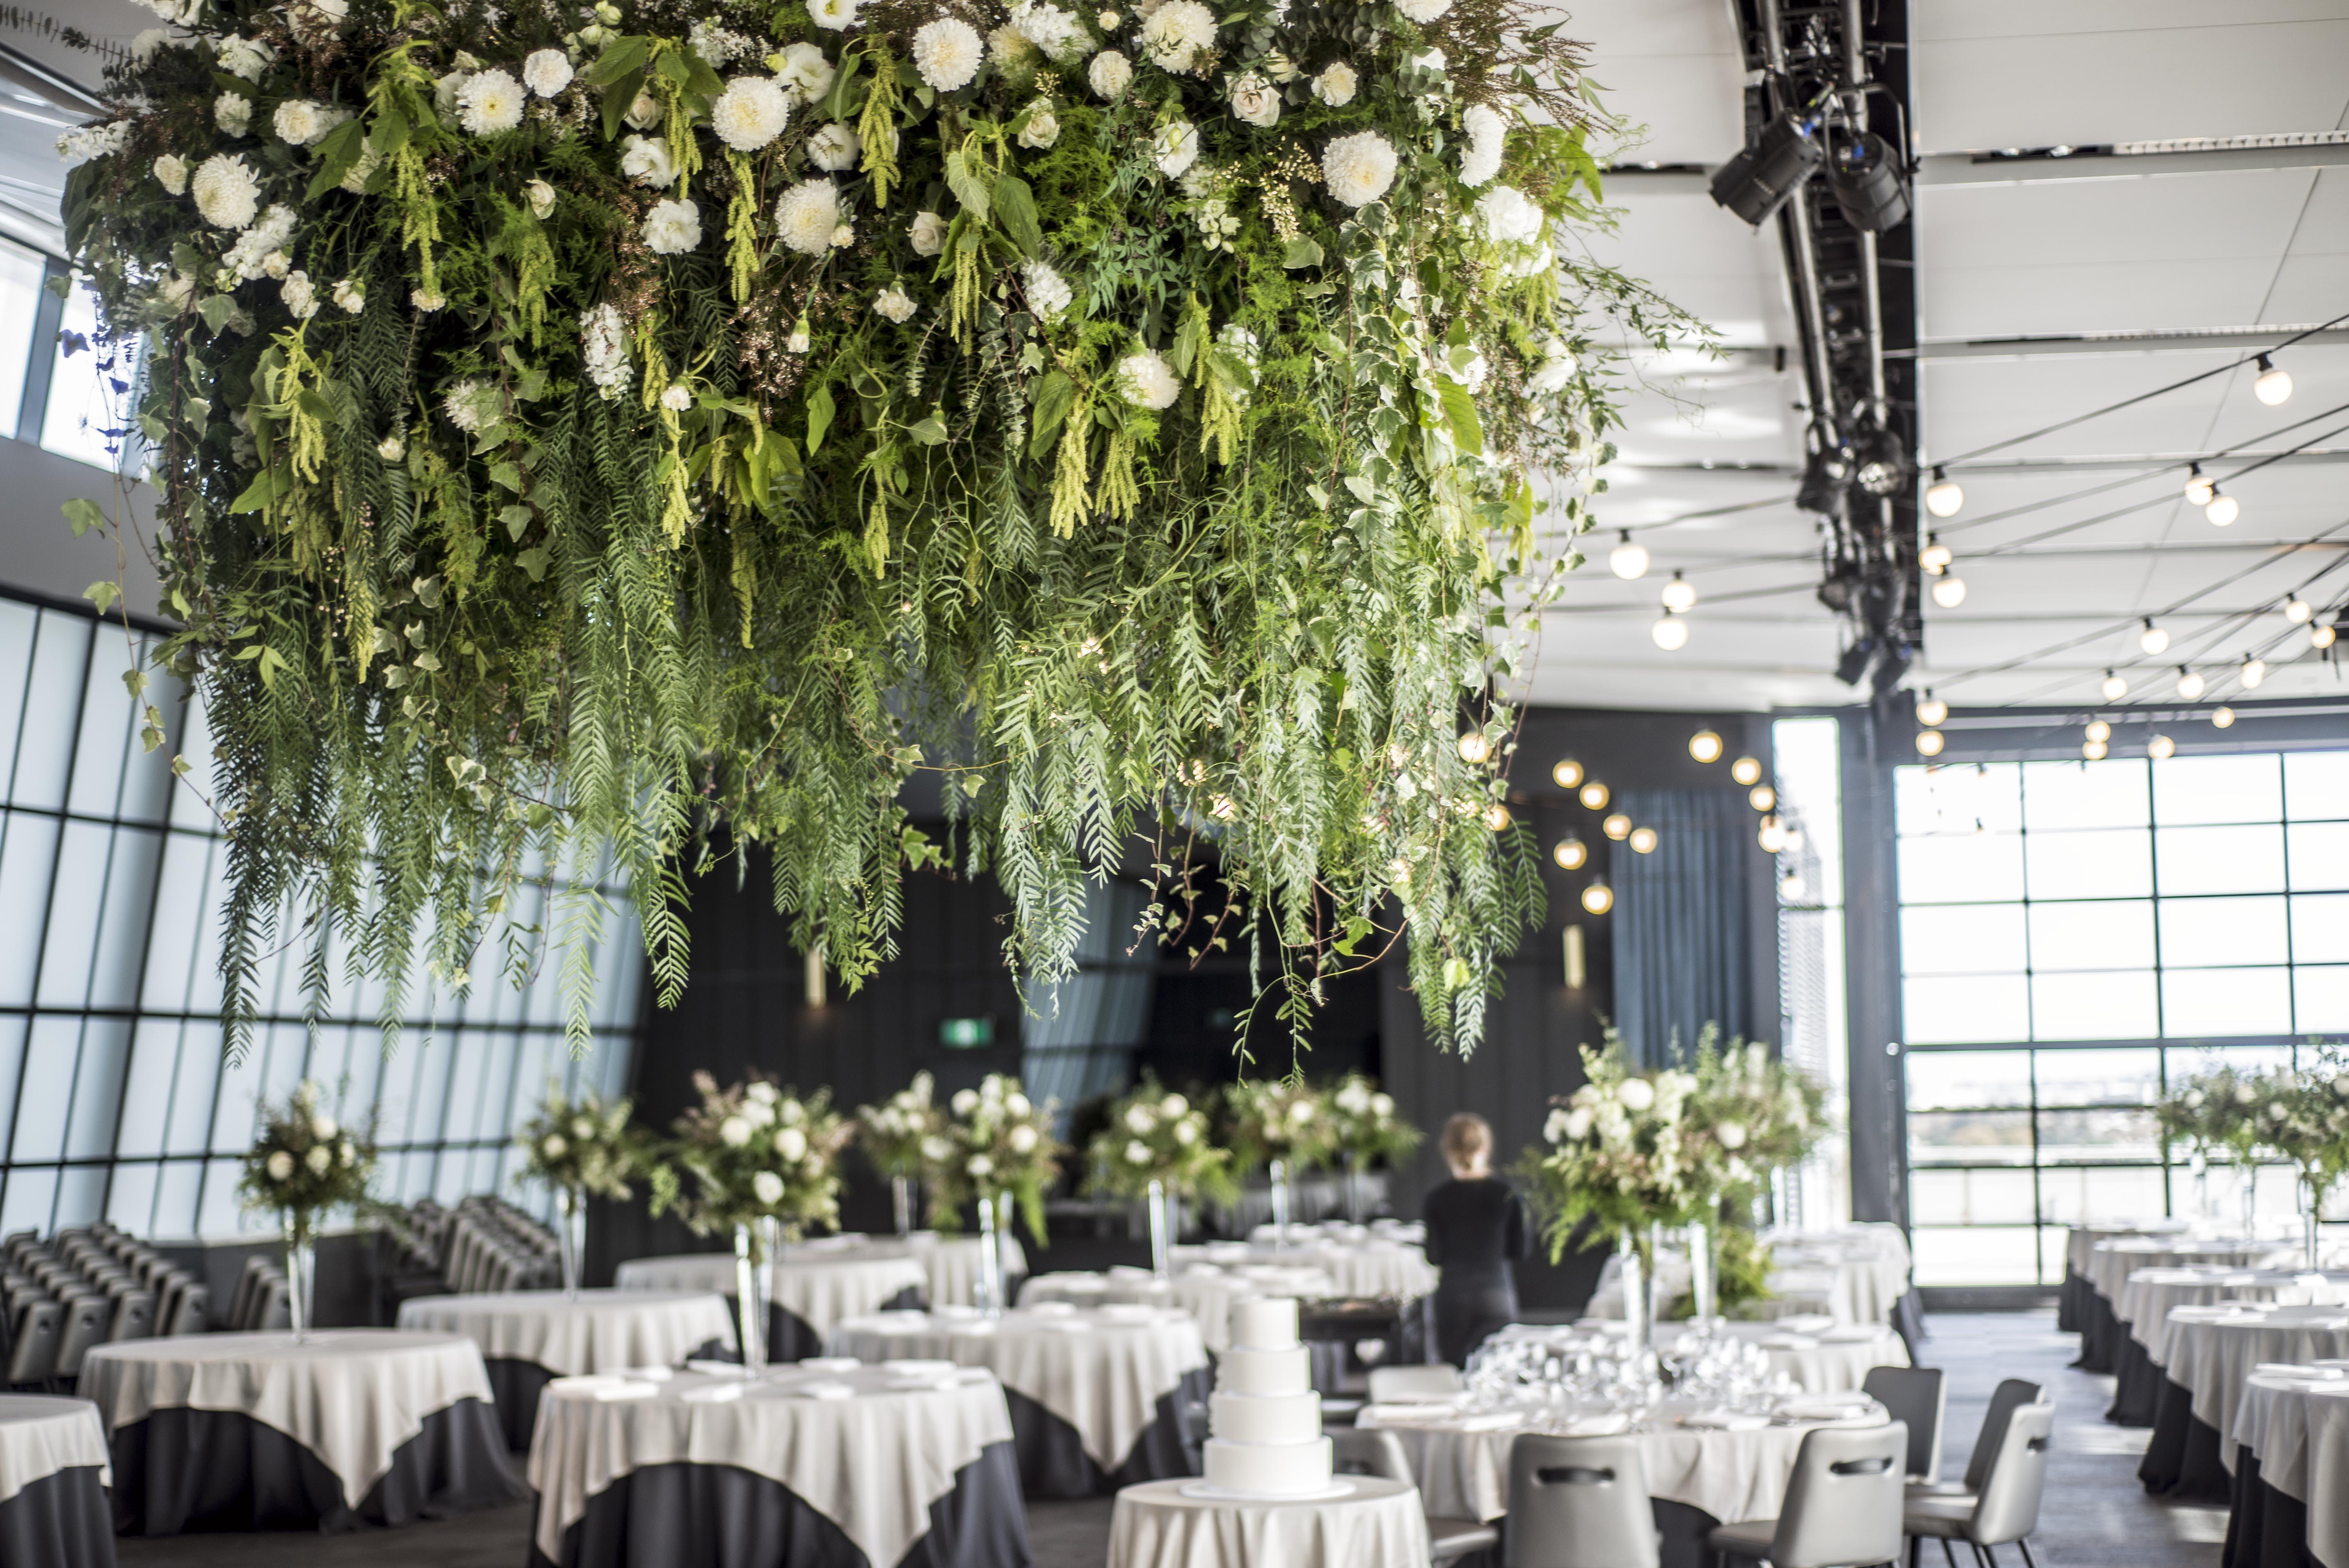 Botanical chandelier